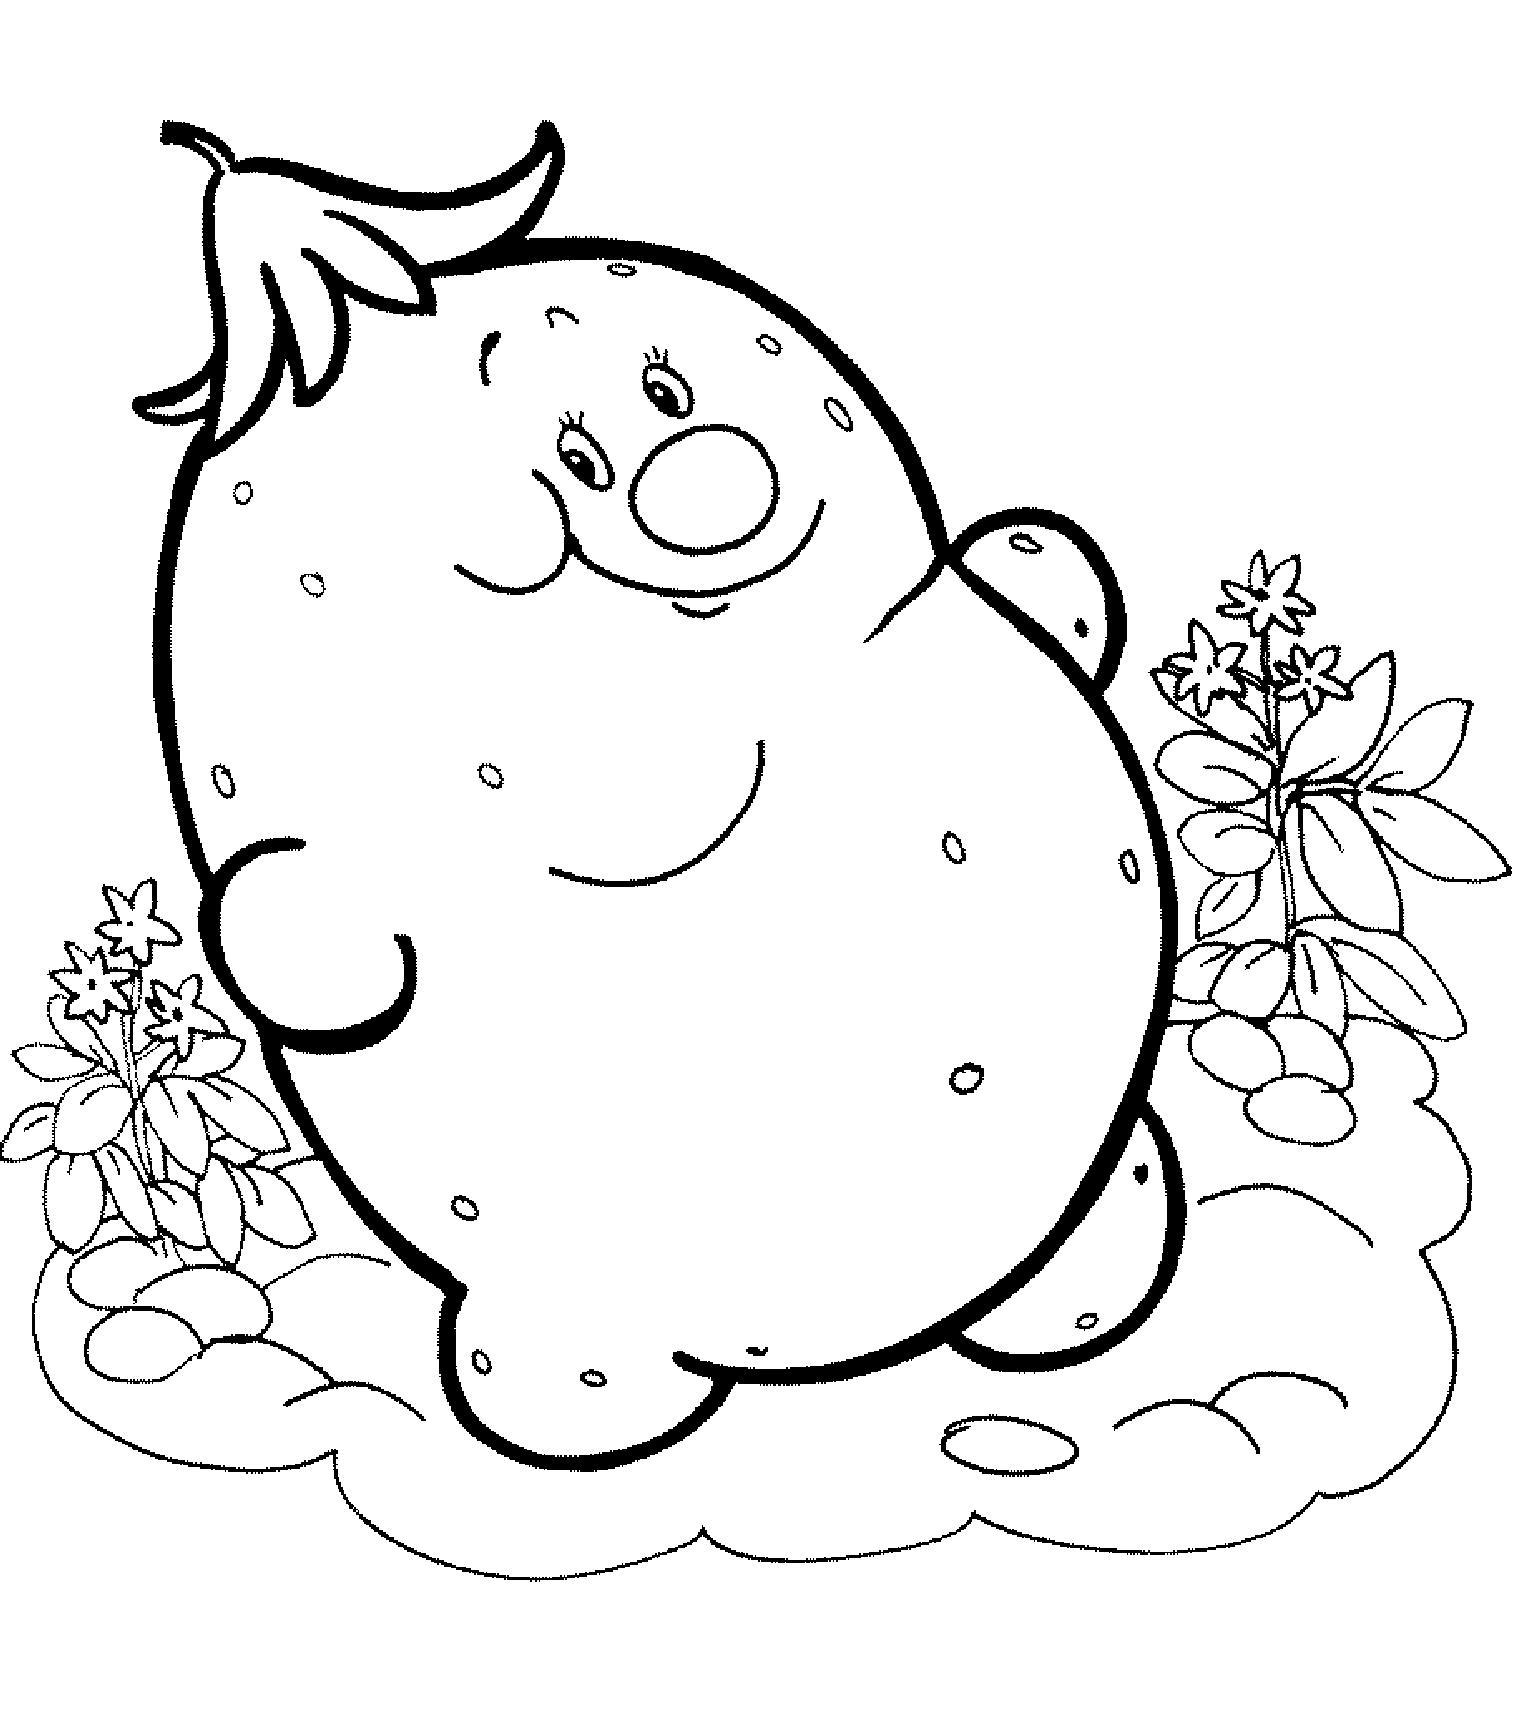 Картофель распечатать бесплатные раскраски для детей: для самых маленьких: овощи, фрукты